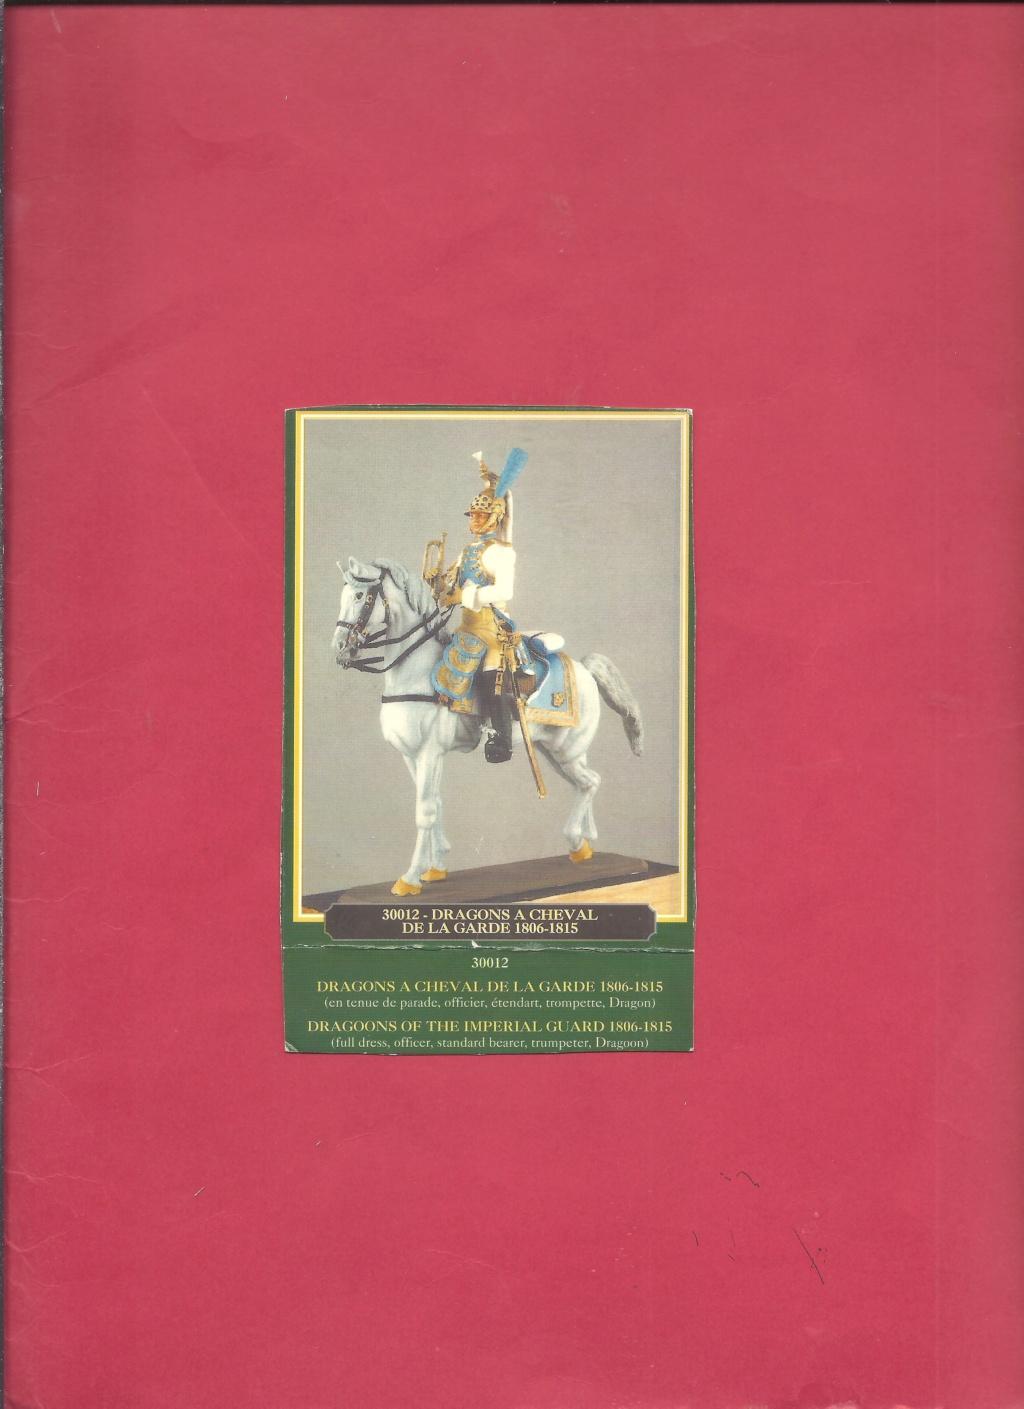 [HISTOREX] Régiment Dragon à cheval de la Garde Impériale 1806 - 1815 1/30ème Réf 30012 Notice Histo123